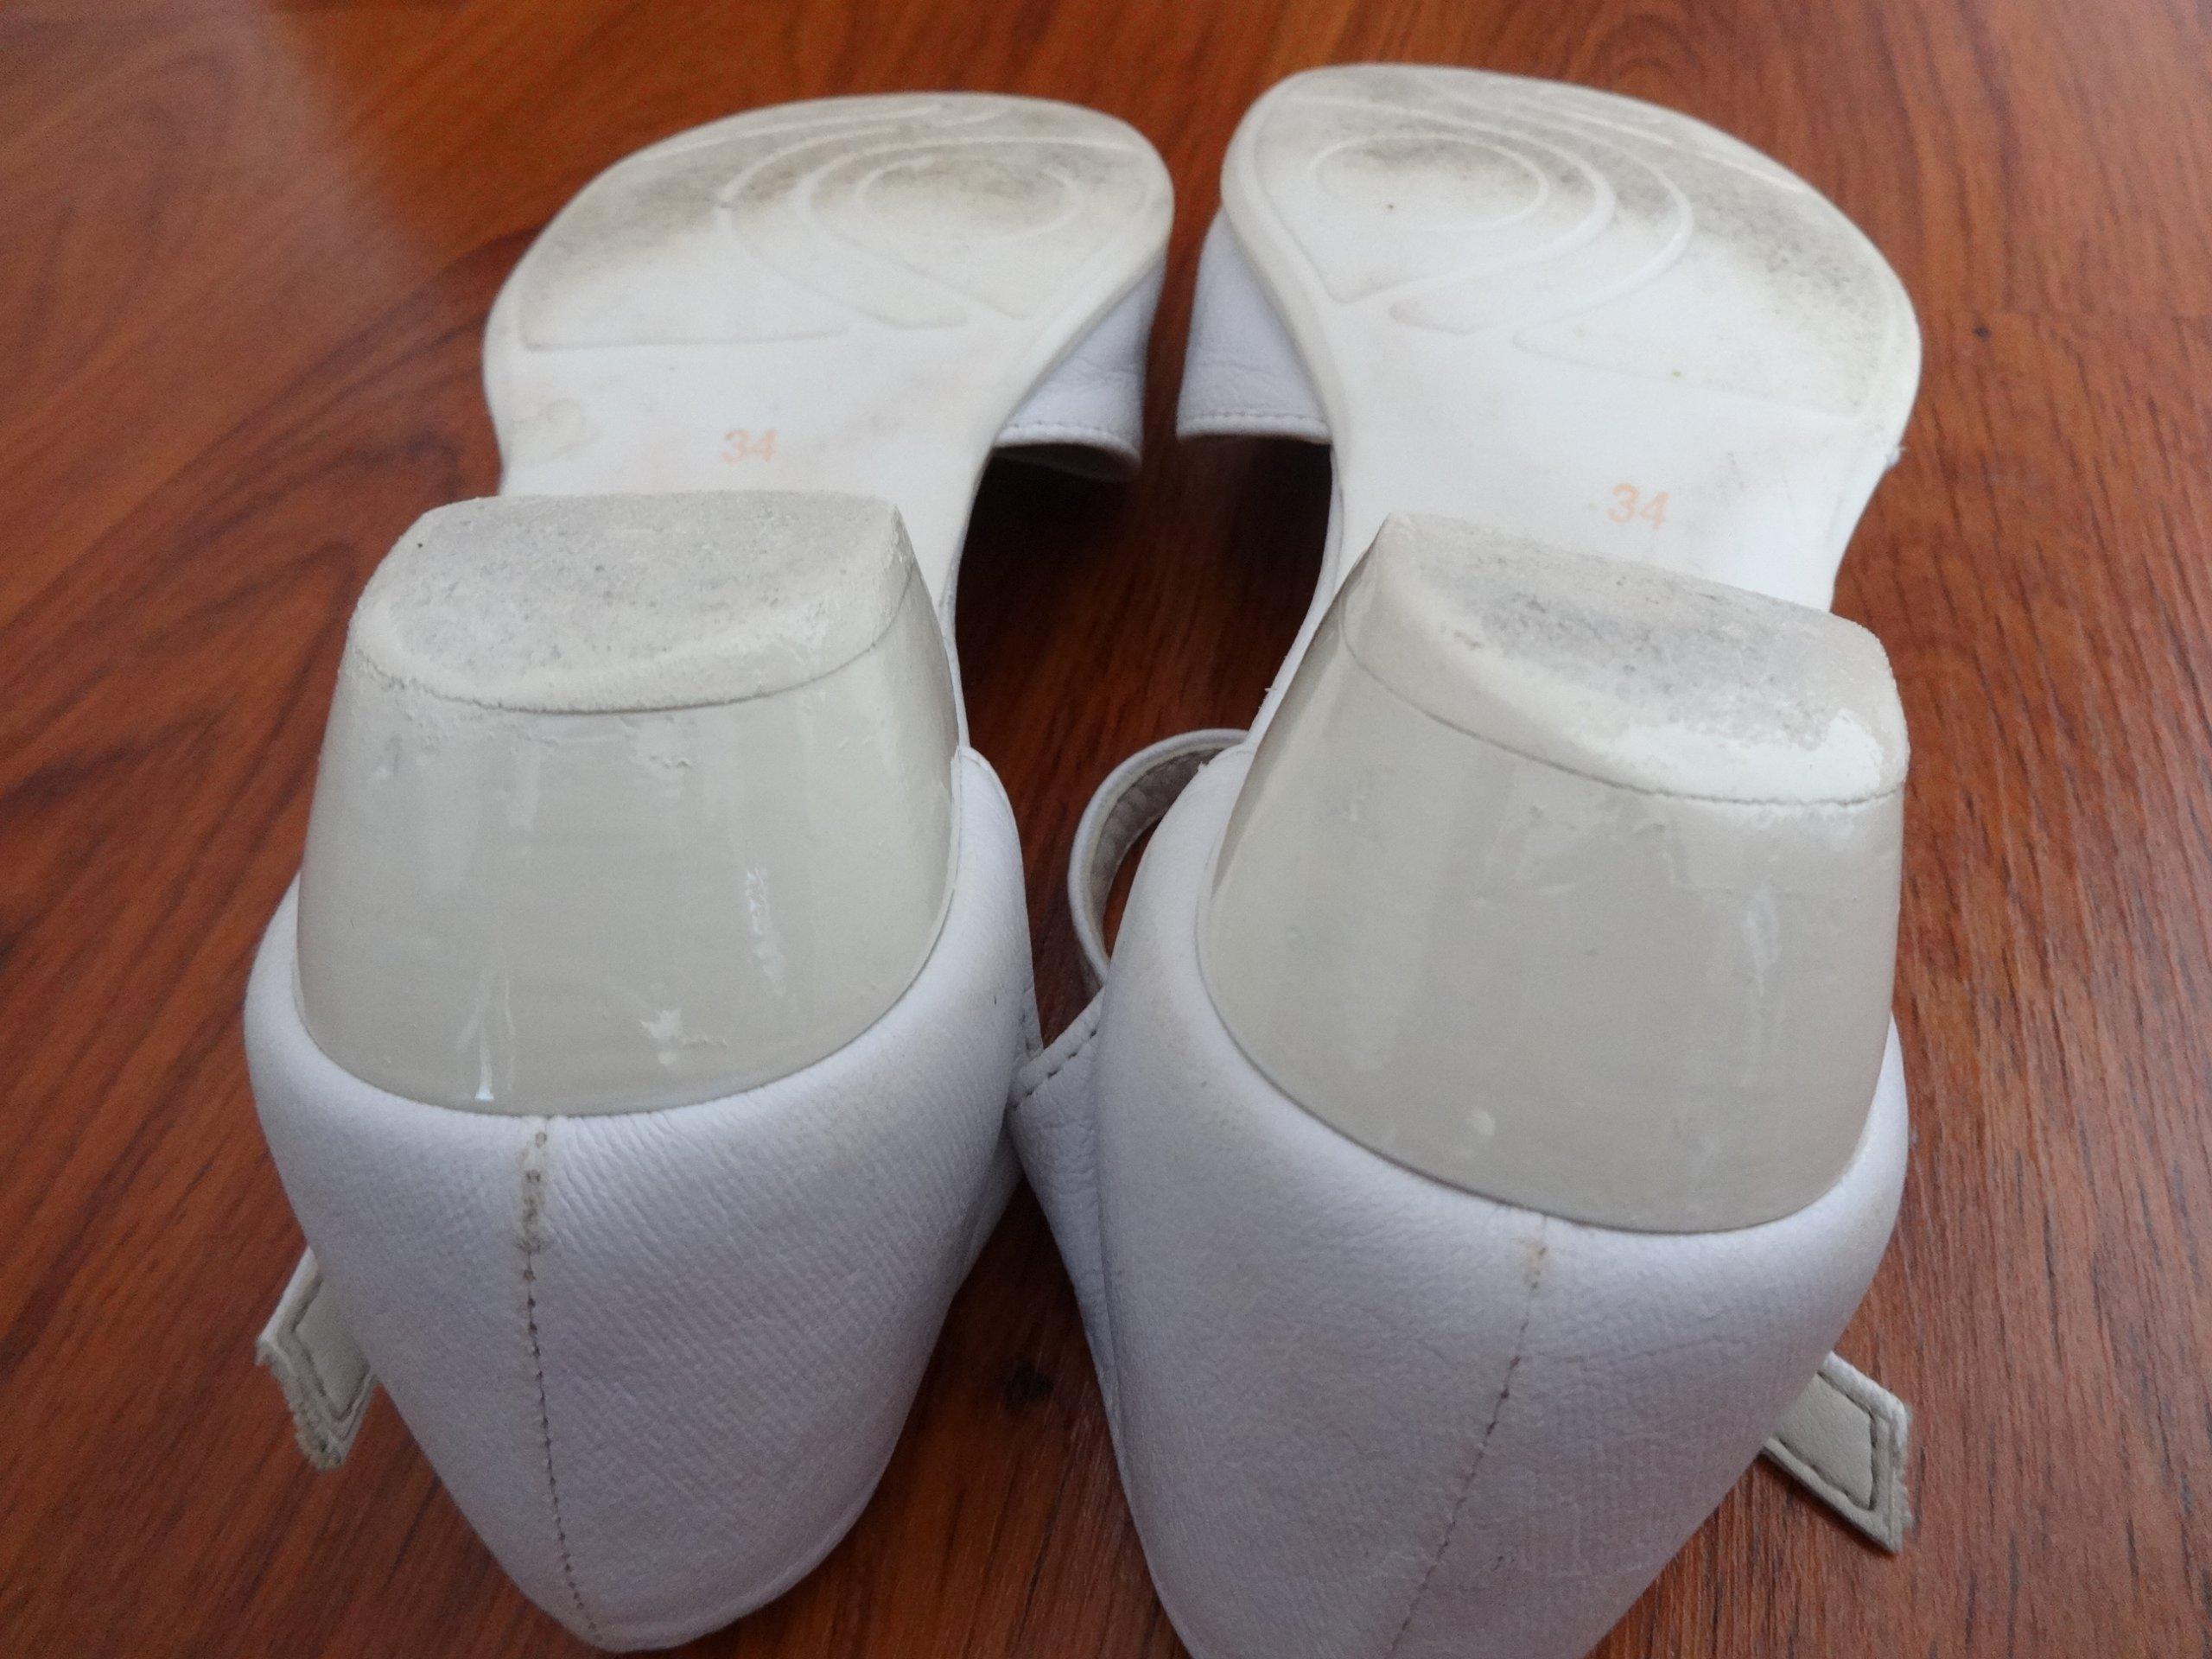 e7e353157d Alba komunijna 122-128 cm BDB buty r. 34 gratis - 7254662972 ...